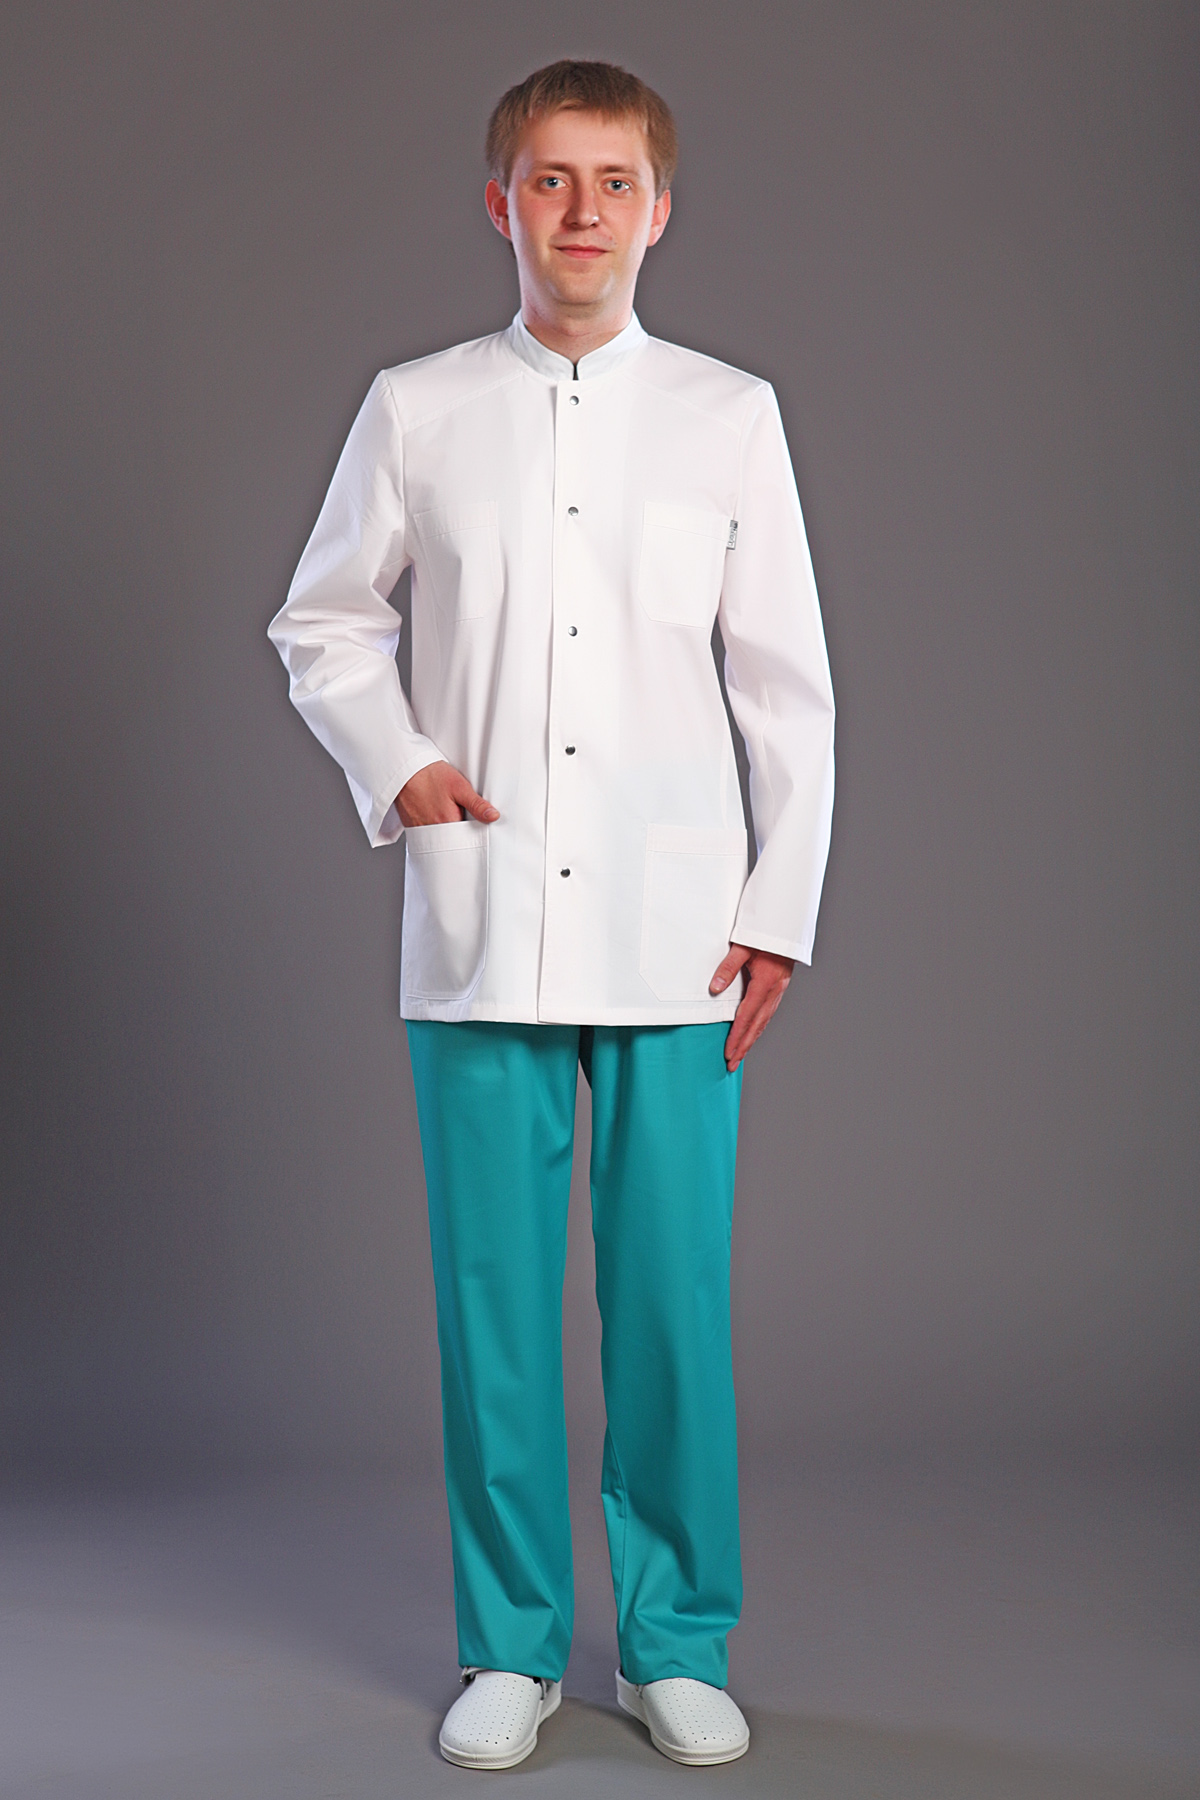 Костюм мужской М-148 ткань МедеяКостюмы, кофты, брюки<br><br><br>Размер: 52